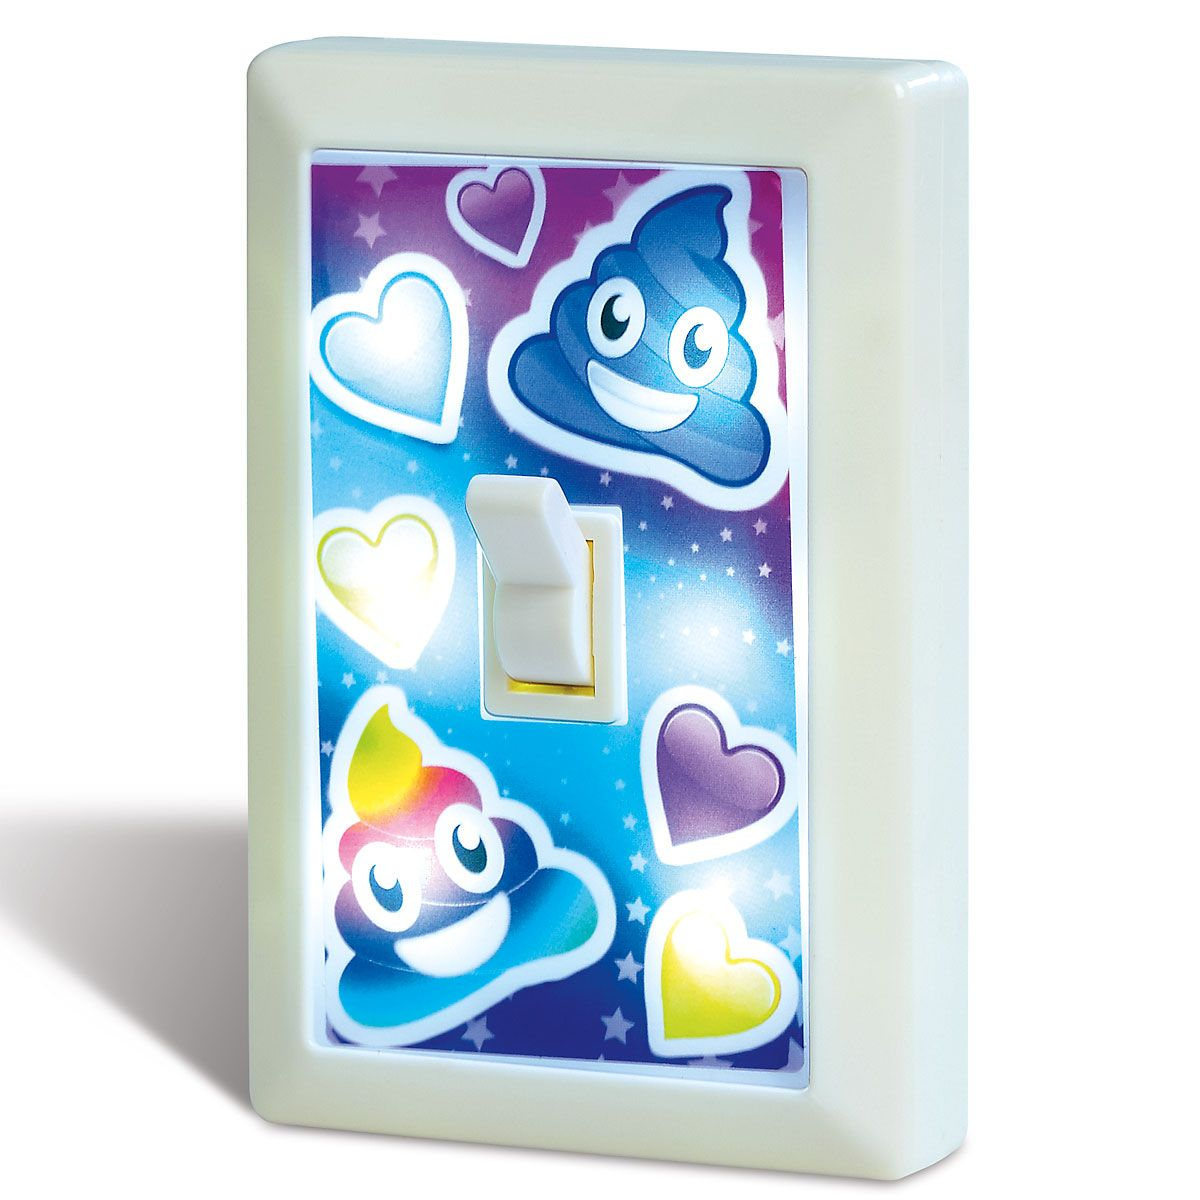 Poop Portable Nightlight